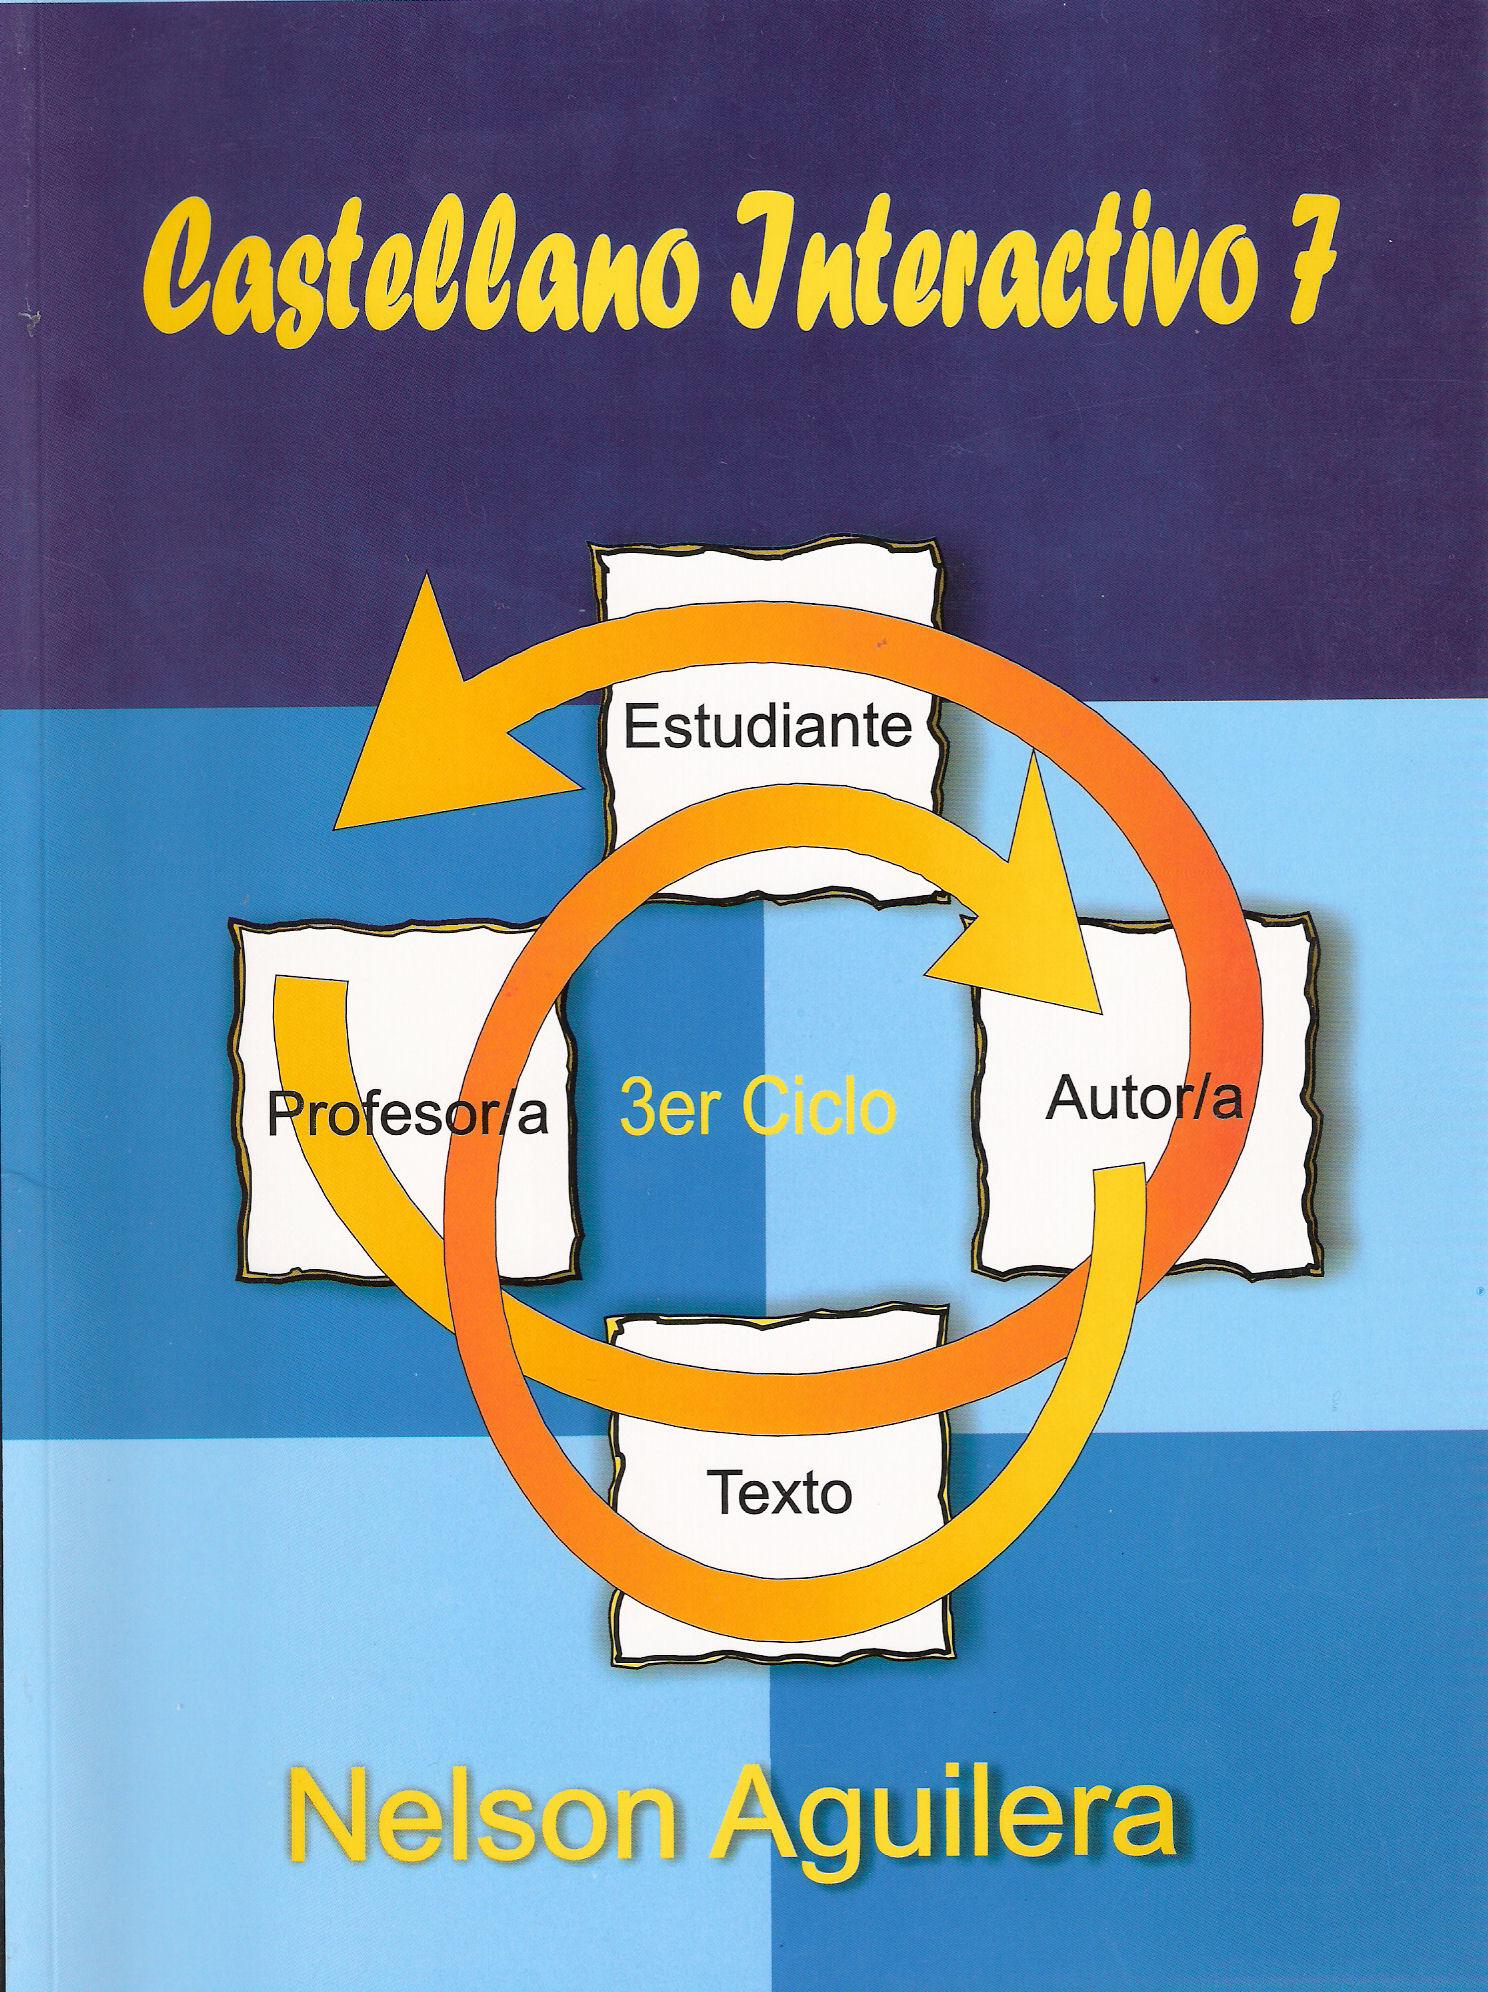 2009 Castellano Interactivo7